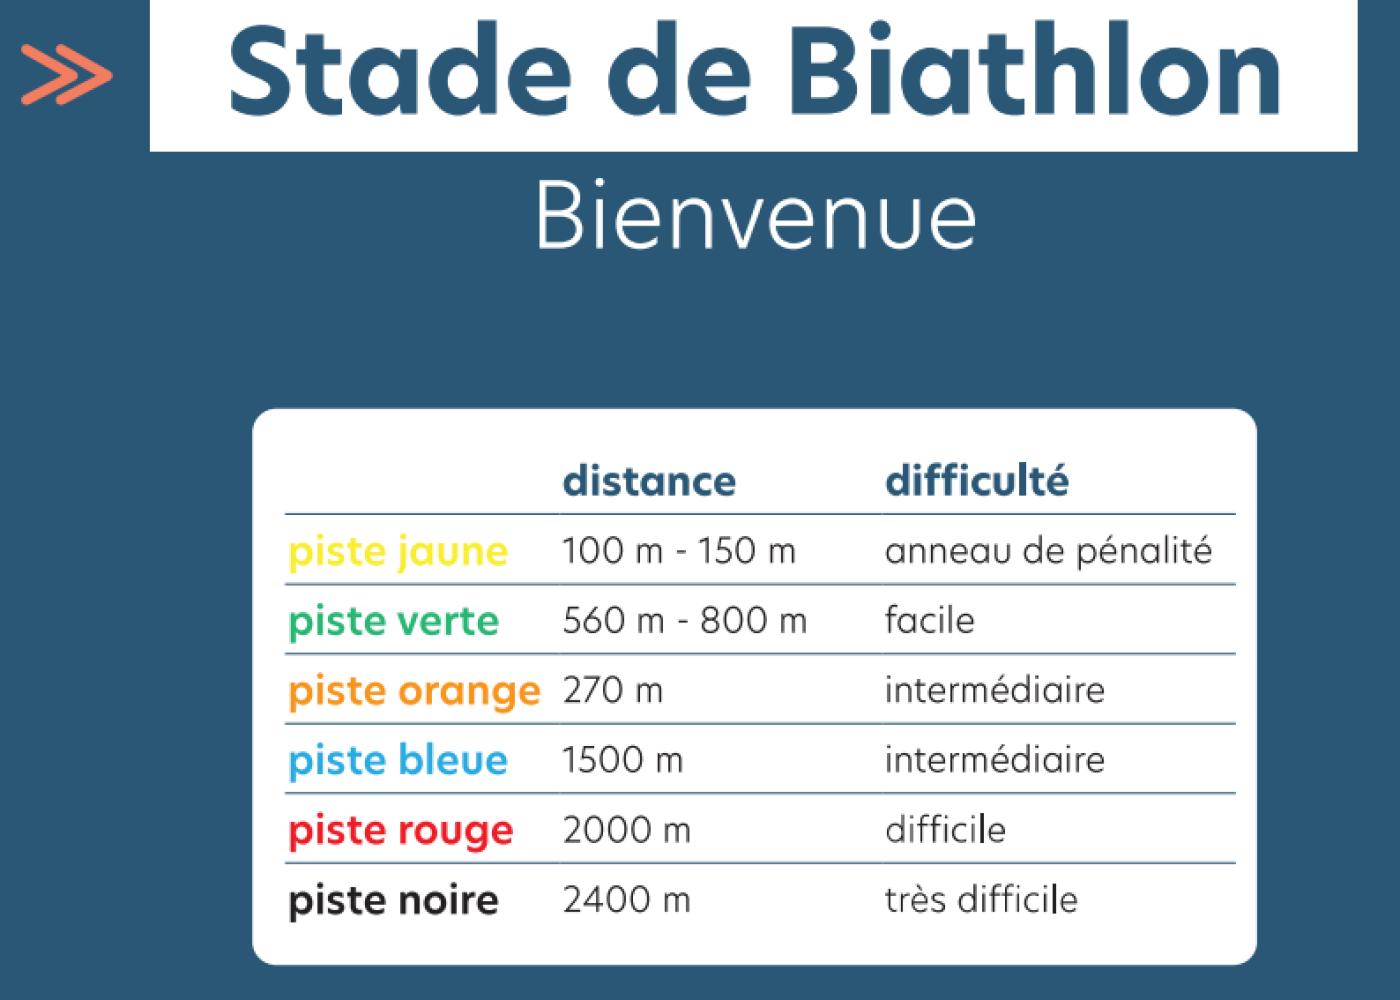 Les pistes ski roues du Stade de Biathlon